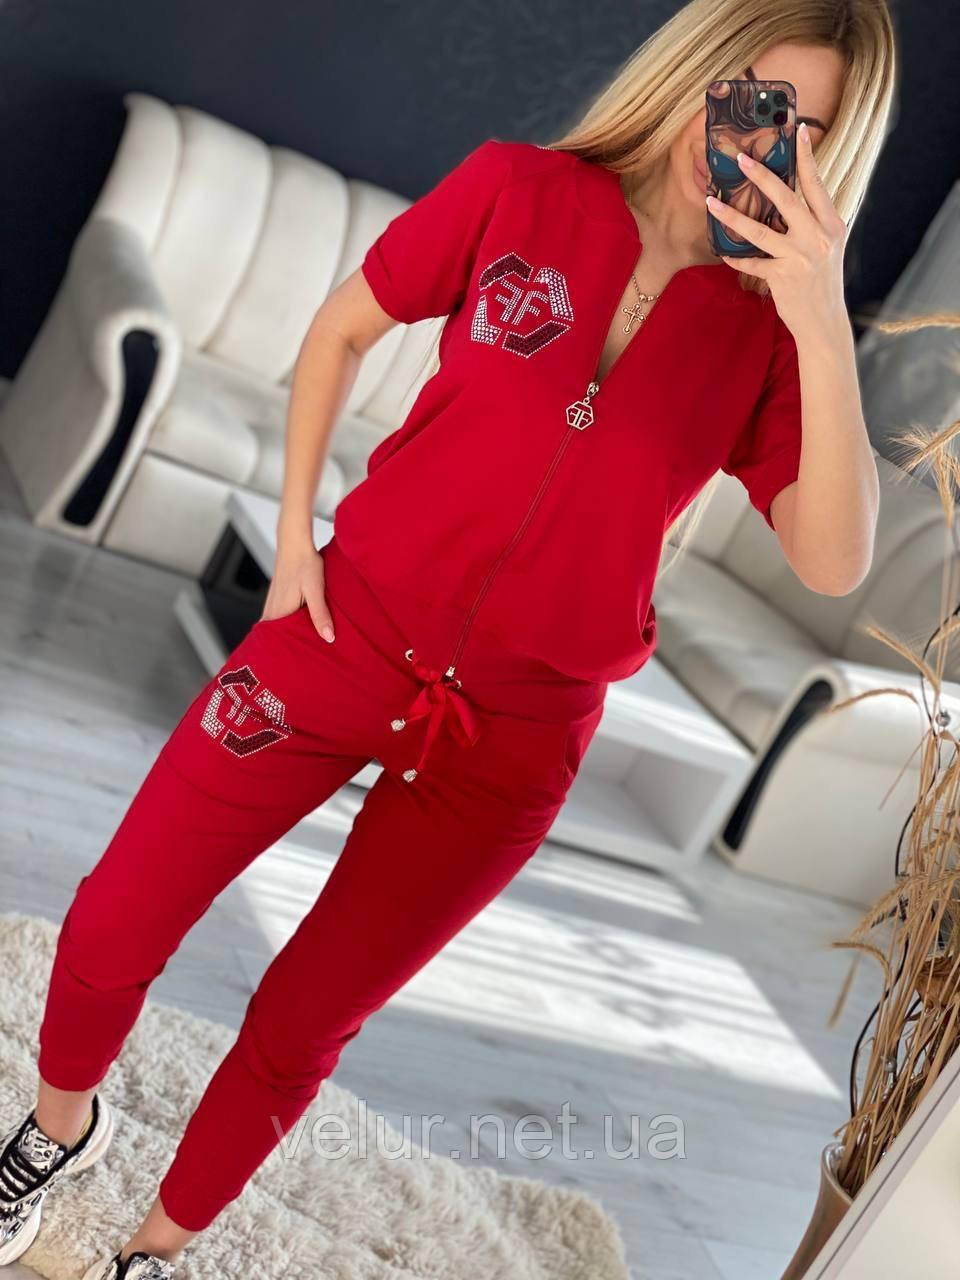 Жіночий річний брендовий спортивний костюм (Туреччина); розмір С,М,Л,ХЛ повномірні